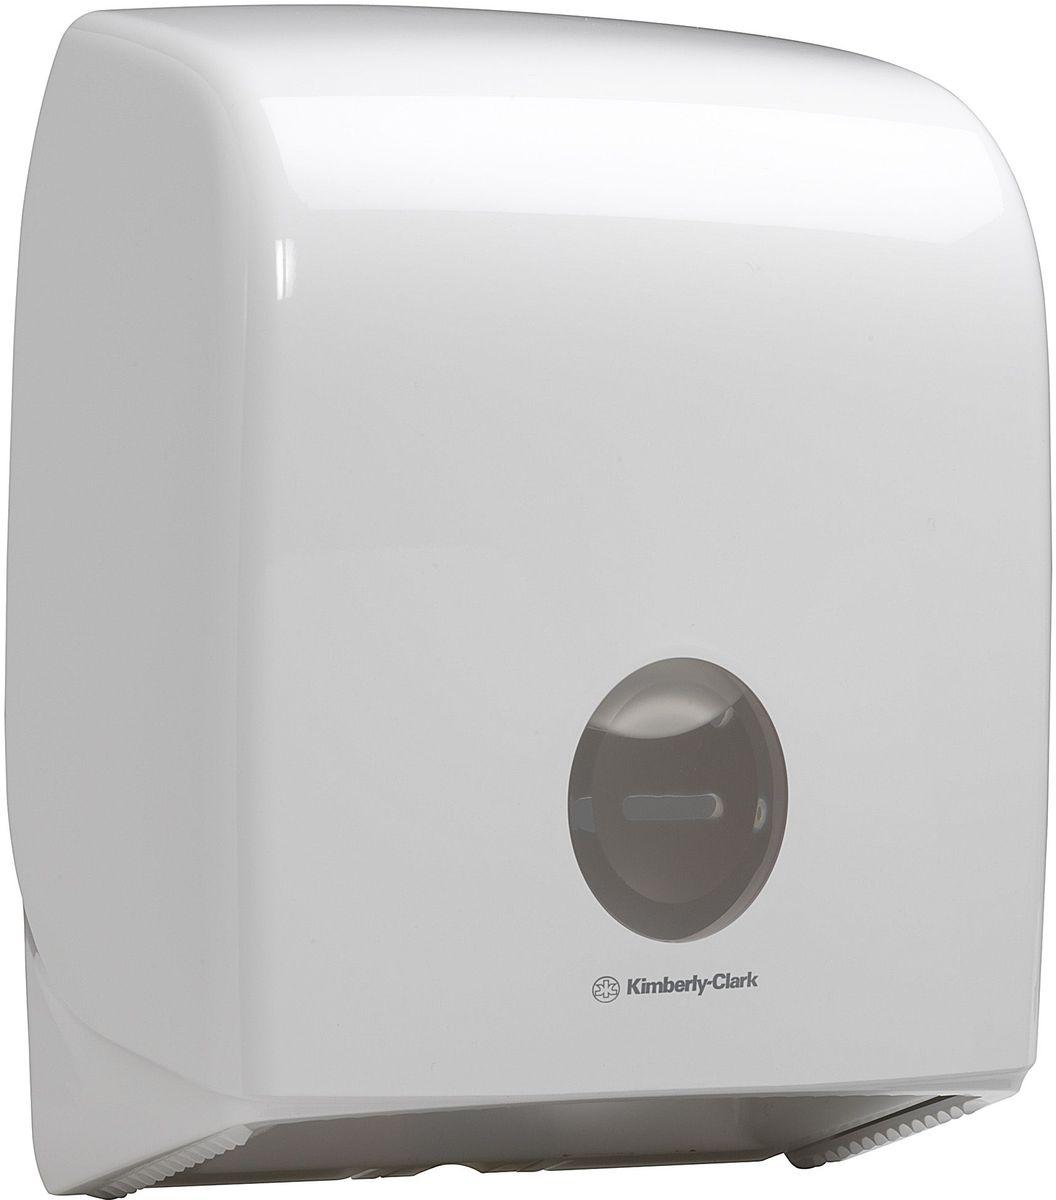 Диспенсер для туалетной бумаги Aquarius Jumbo, большой рулон, цвет: белый. 6958CLP446Ассортимент диспенсеров для рулонной туалетной бумаги, которые выполнены в одном стиле с диспенсерами для мыла и для полотенец для рук. Диспенсеры мотивируют сотрудников соблюдать гигиенические нормы, повышают уровень комфорта, демонстрируют заботу о персонале и помогают сократить расходы. Идеальное решение, обеспечивающее подачу рулонной туалетной бумаги из элегантного диспенсера в туалетных комнатах с высокой проходимостью, легкая загрузка, практичное, гигиеничное и экономичное решение. Диспенсер имеет съемную ось, и межет быть использован с рулонами с диаметром втулки 44/60/76 мм. Максимальный диаметр рулона – 200 мм.Формат поставки: диспенсер современного дизайна, обтекаемой формы, обеспечивающий быструю заправку; белое глянцевое, легко очищаемое покрытие; отсутствие мест скопления пыли и грязи; смотровое окно для контроля за расходными материалами; возможность выбора цветовых вставок в соответствие с интерьером конкретных туалетных комнат. Замена диспенсера 6988. Совместим с туалетной бумагой: 8512.